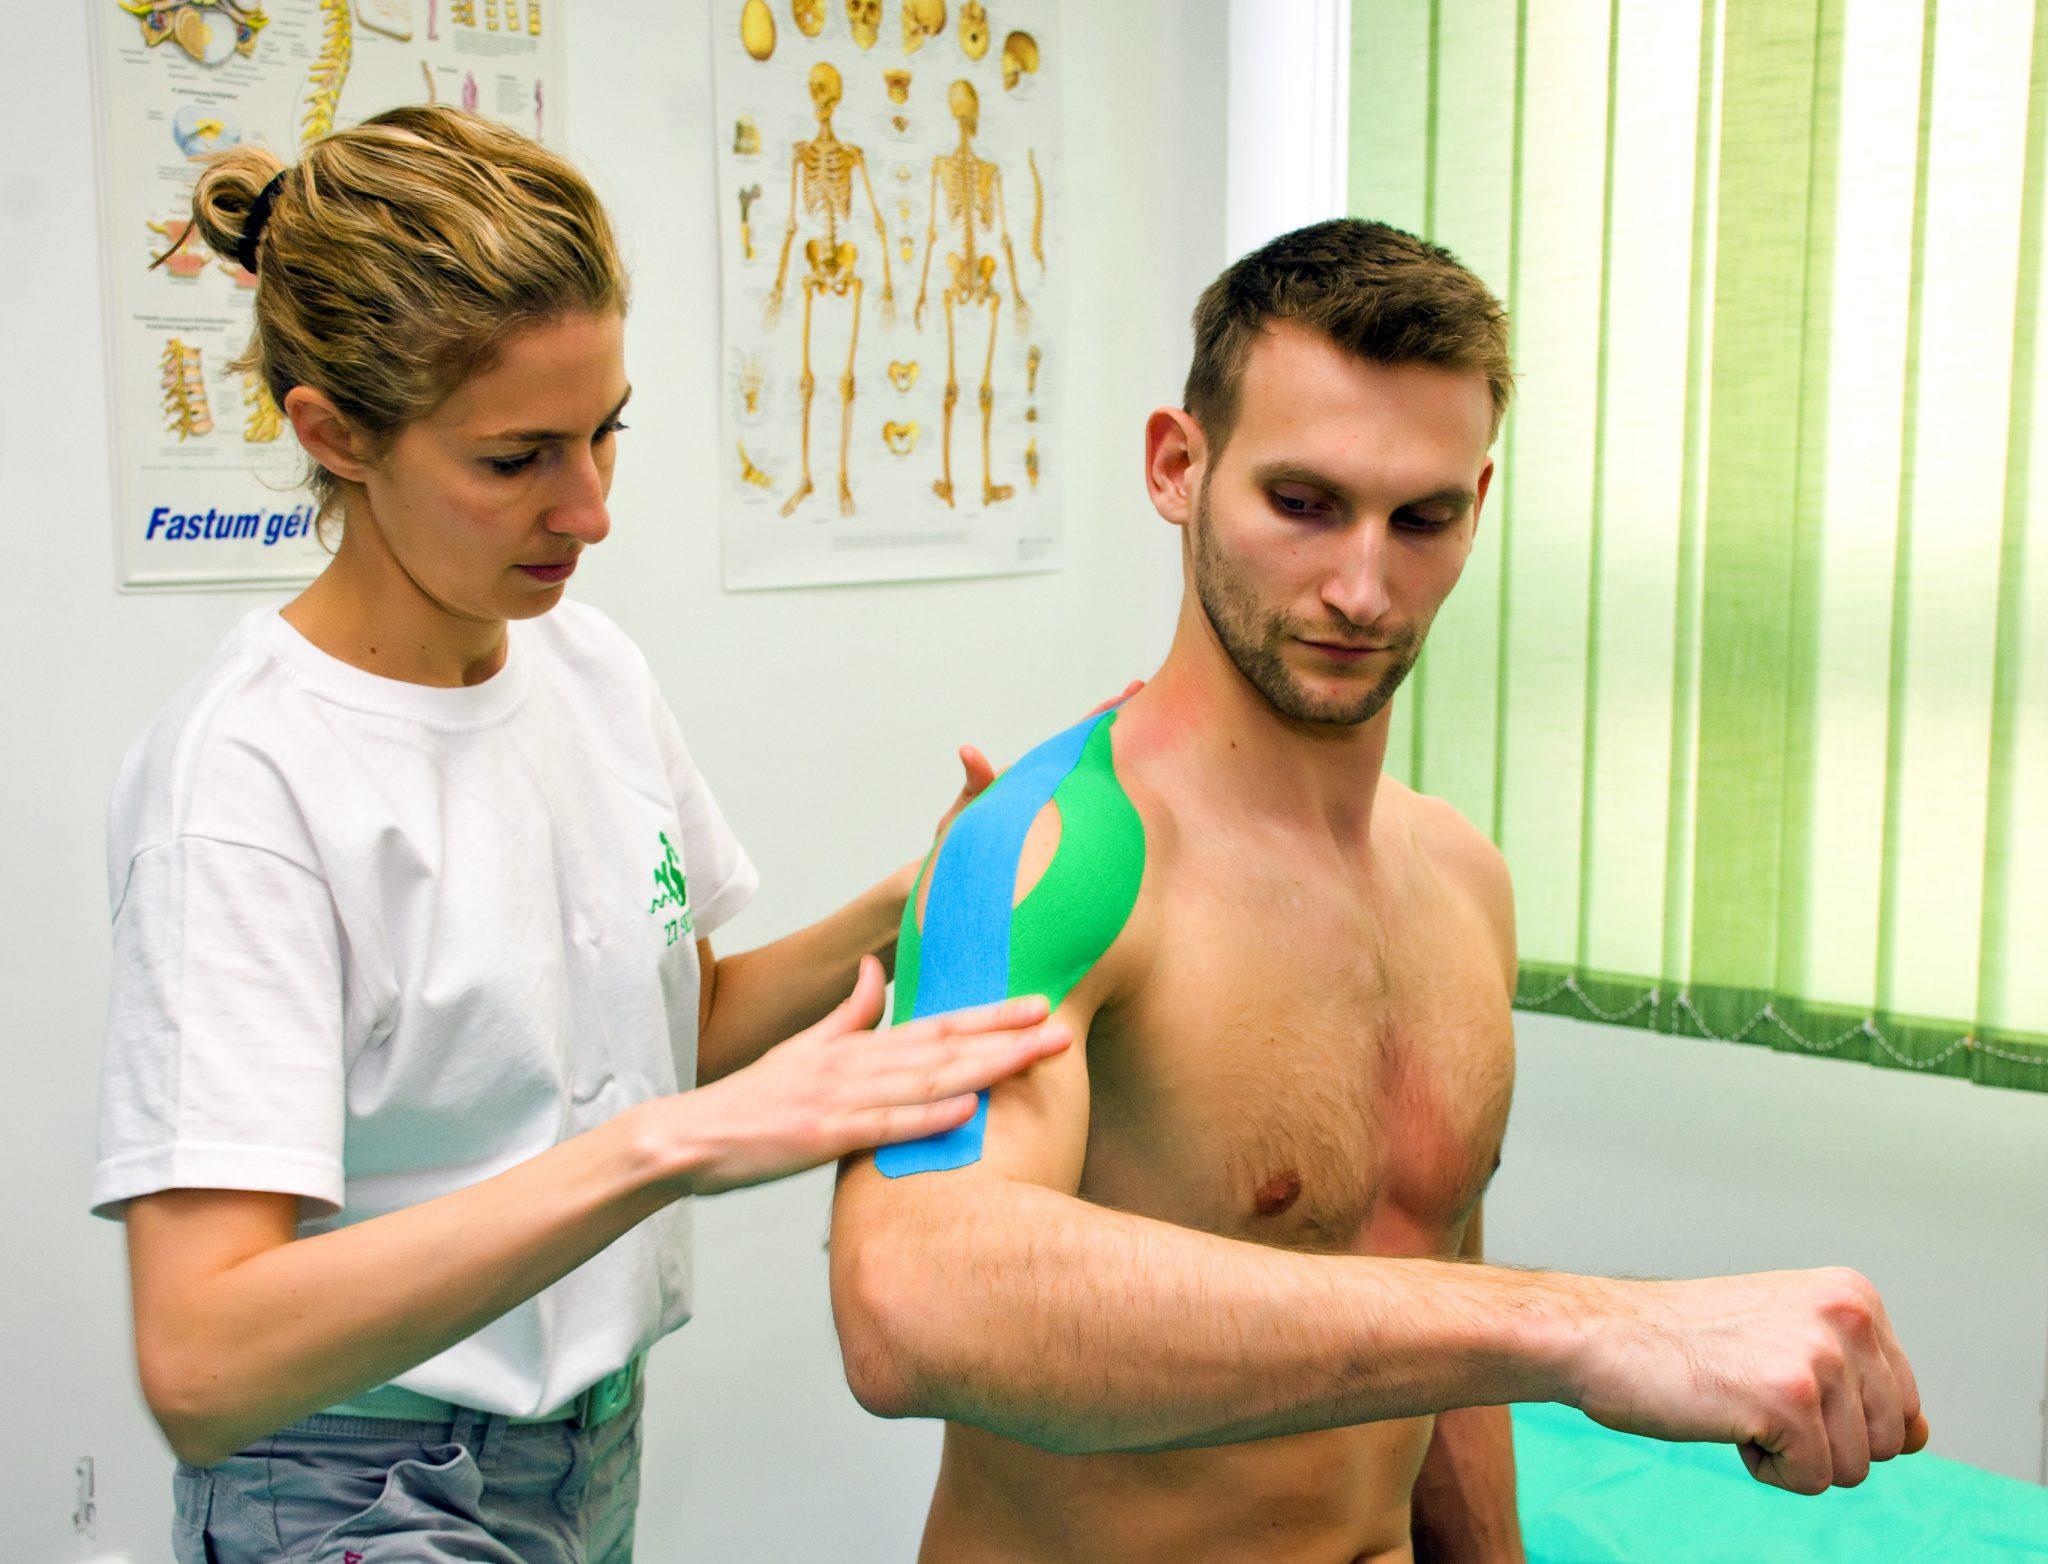 kinesio szalag ízületi fájdalmak kezelésére